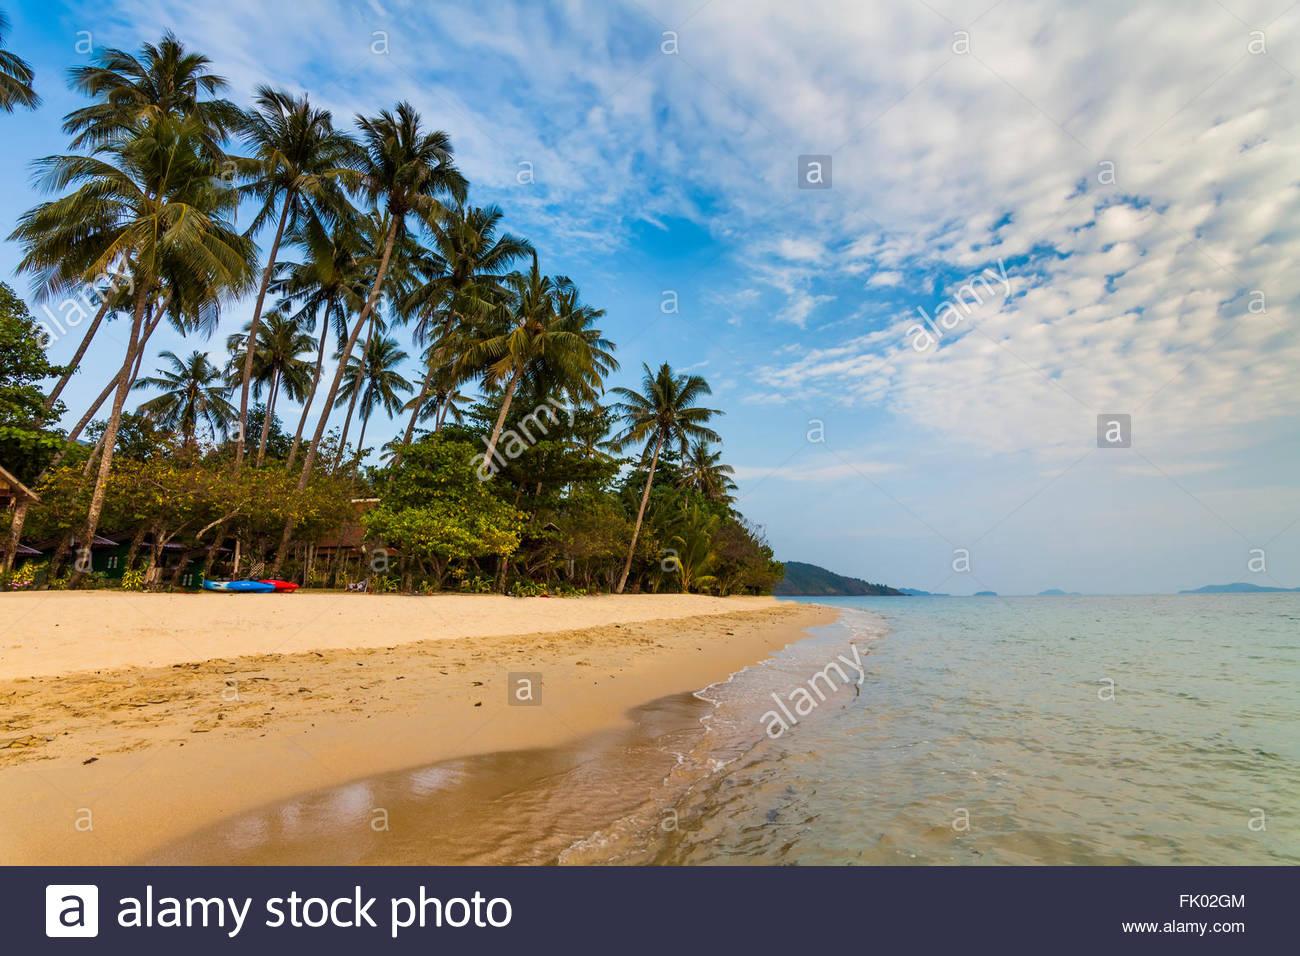 Tropische Landschaft mit Palmen und Sandstrand. Koh Chang. Thailand. Stockbild